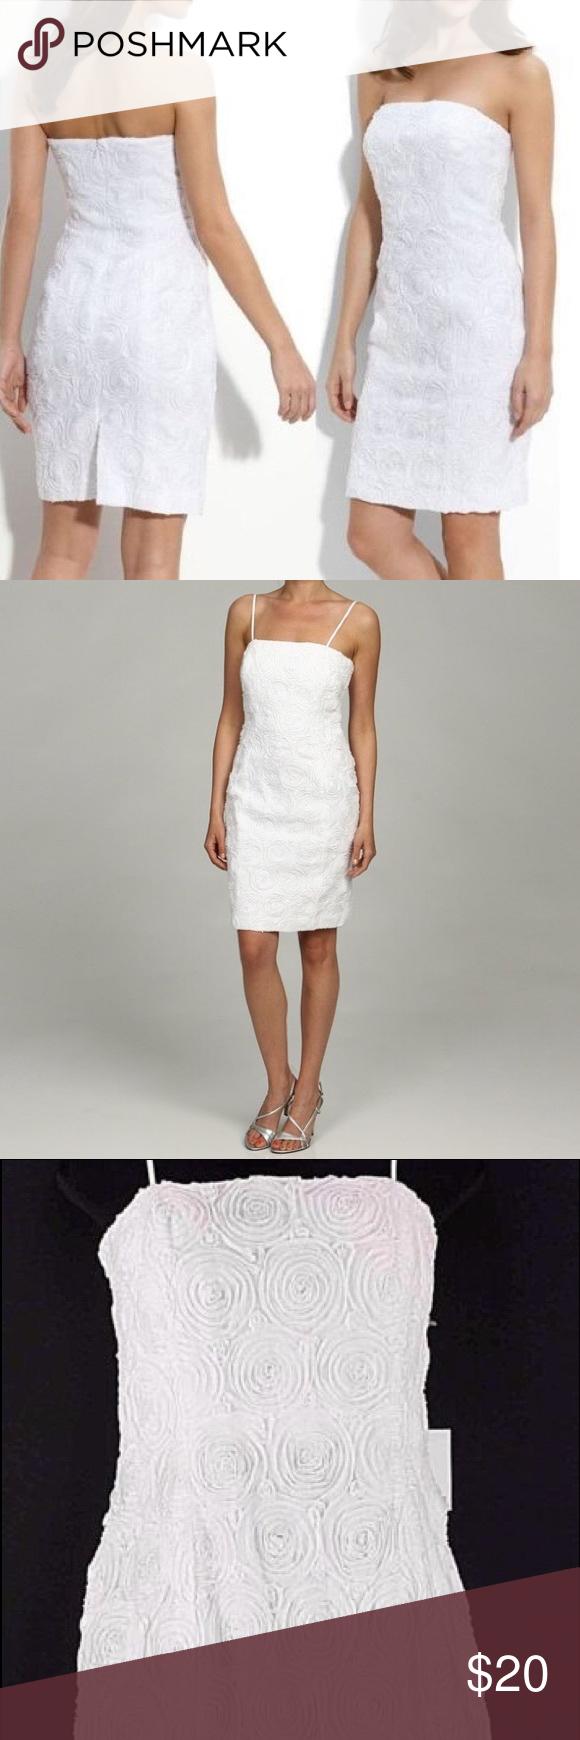 47++ Calvin klein white dress ideas info